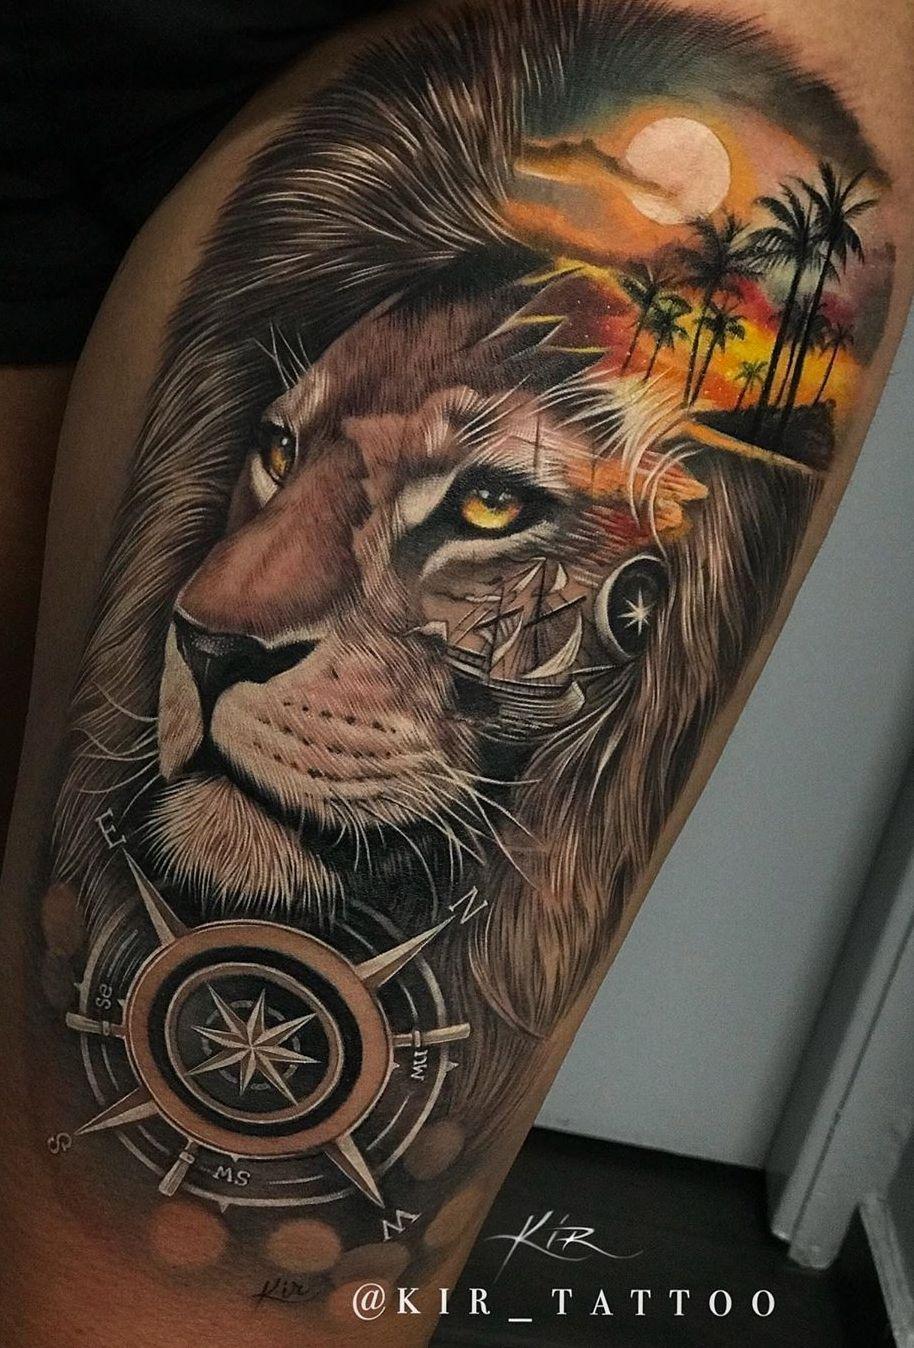 Jungle Tattoo Ideas : jungle, tattoo, ideas, Eye-Catching, Tattoos, That'll, Inked, Tattoo, Sleeves,, Jungle, Tattoo,